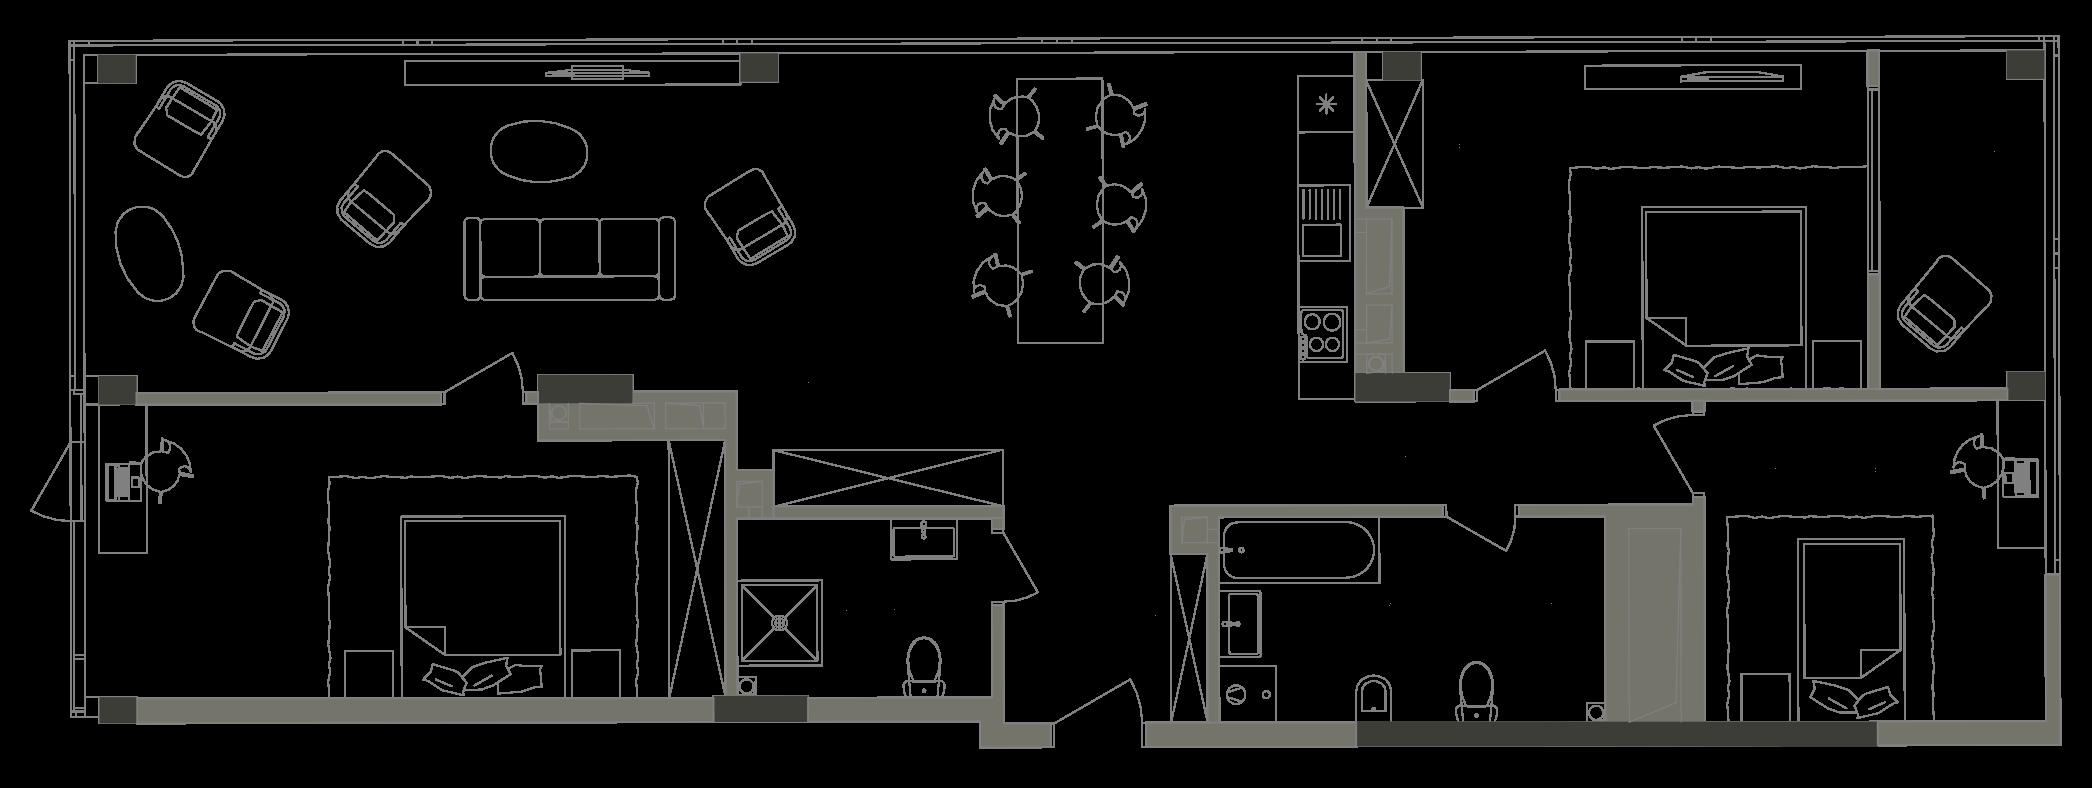 Квартира KV_102_3C_1_1_6